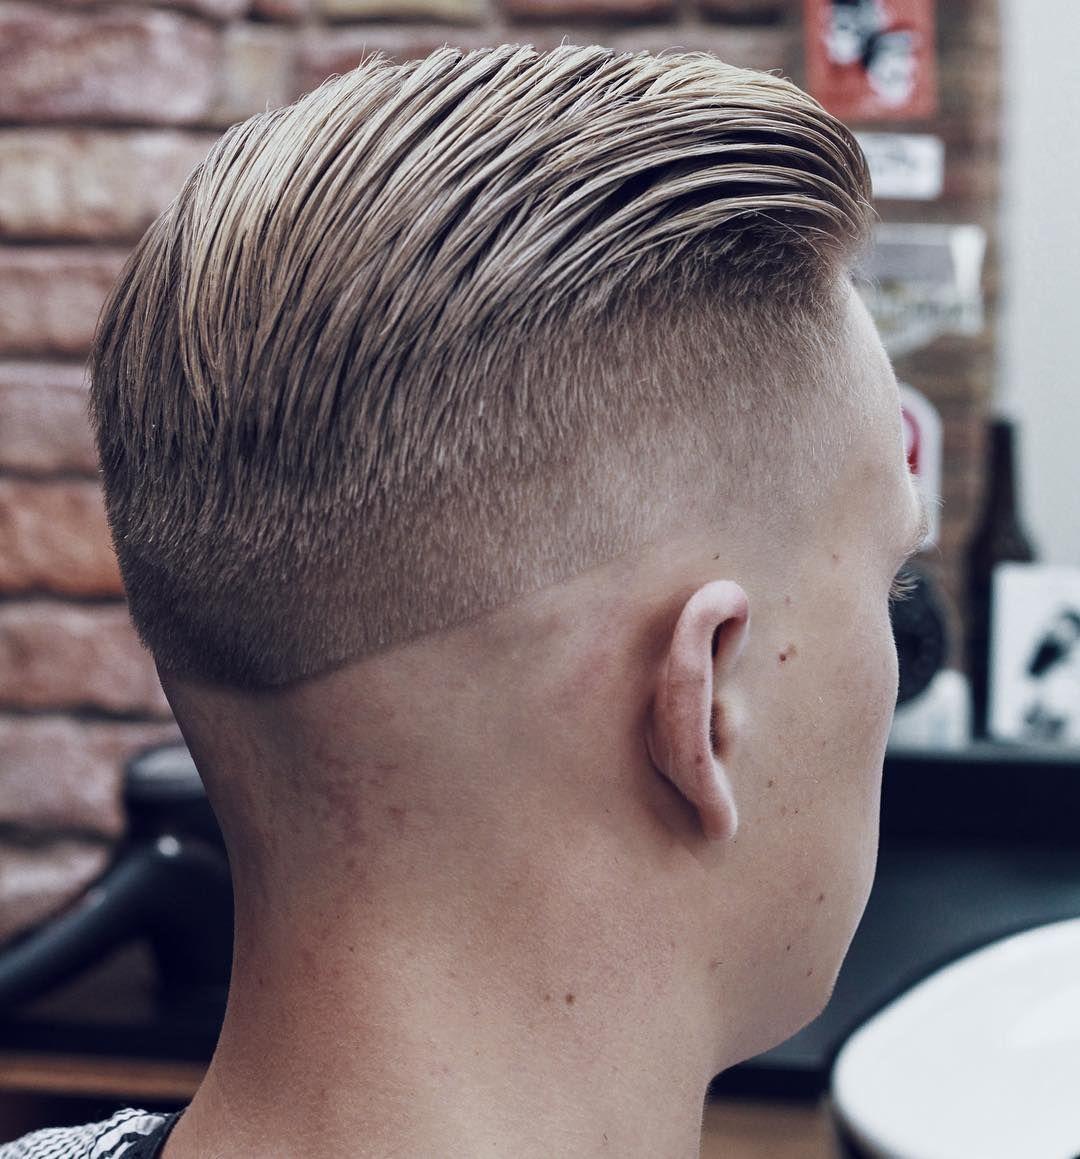 100 New Men S Hairstyles Top Picks Herenkapsels Heren Kapsel Kapsel Man